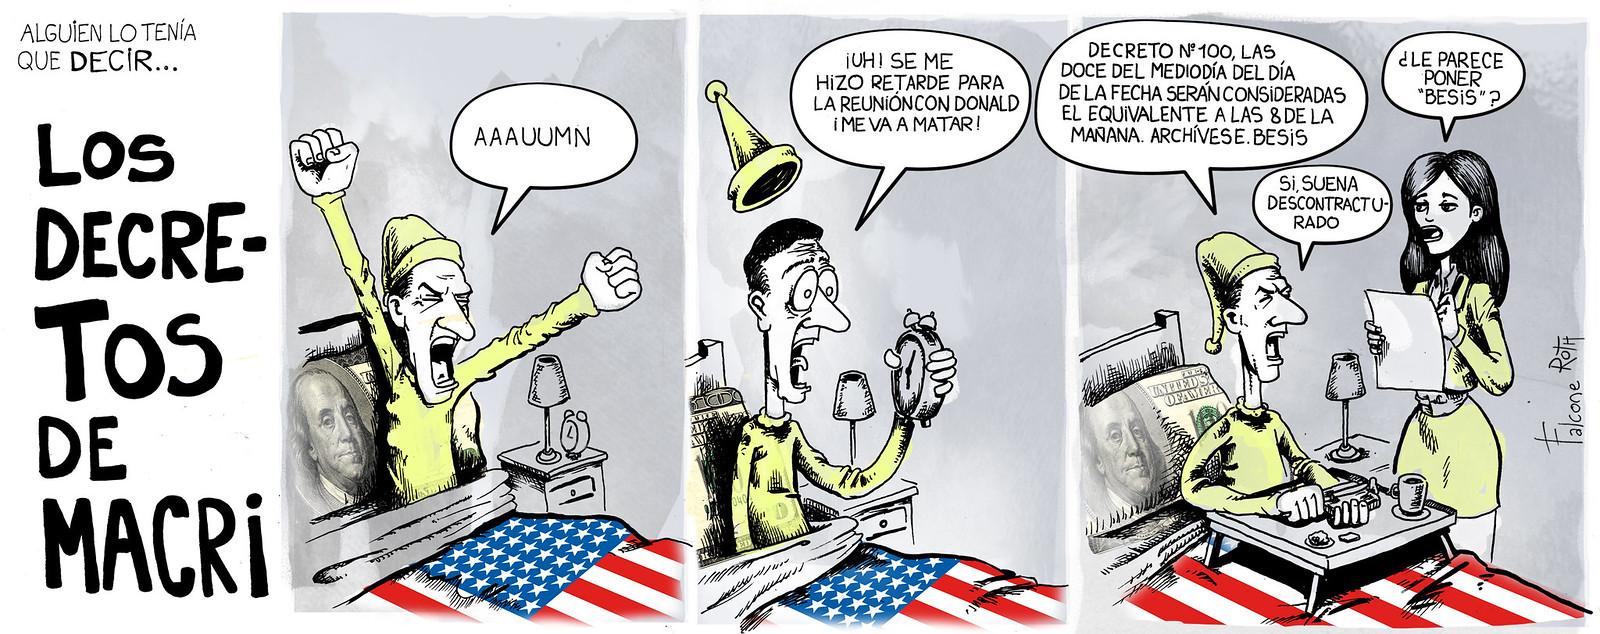 decretin de Mauricio Macri